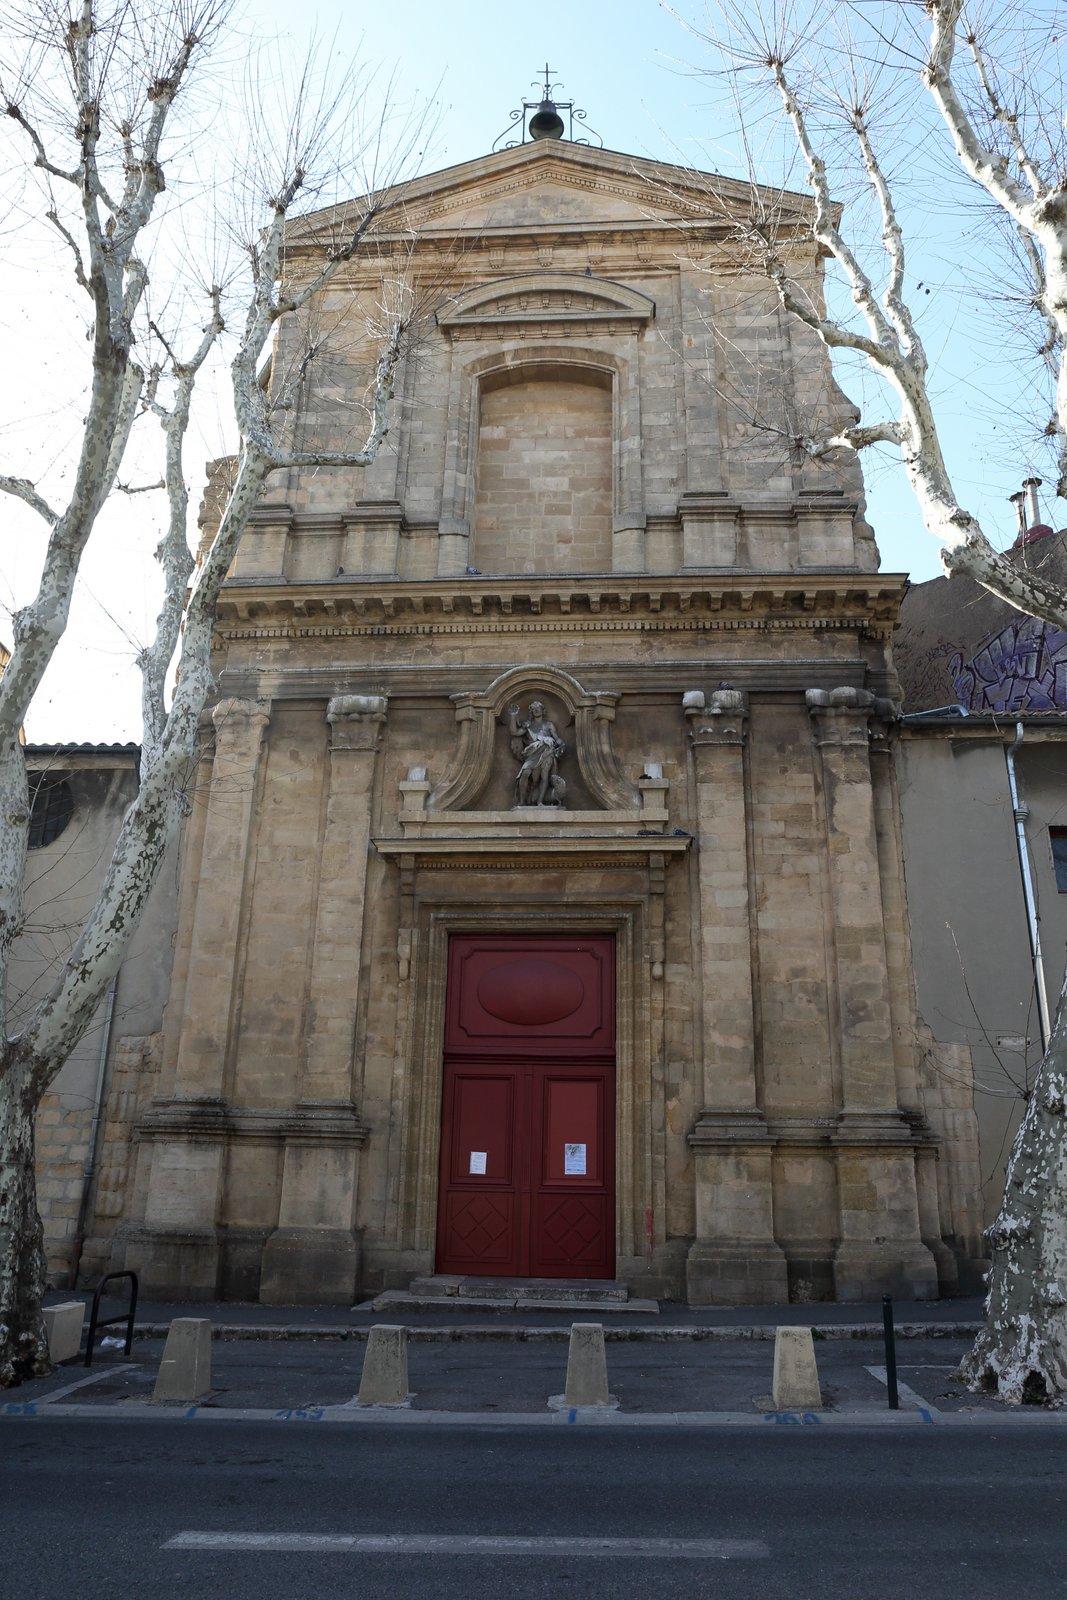 Aix_2013-03-02_0004